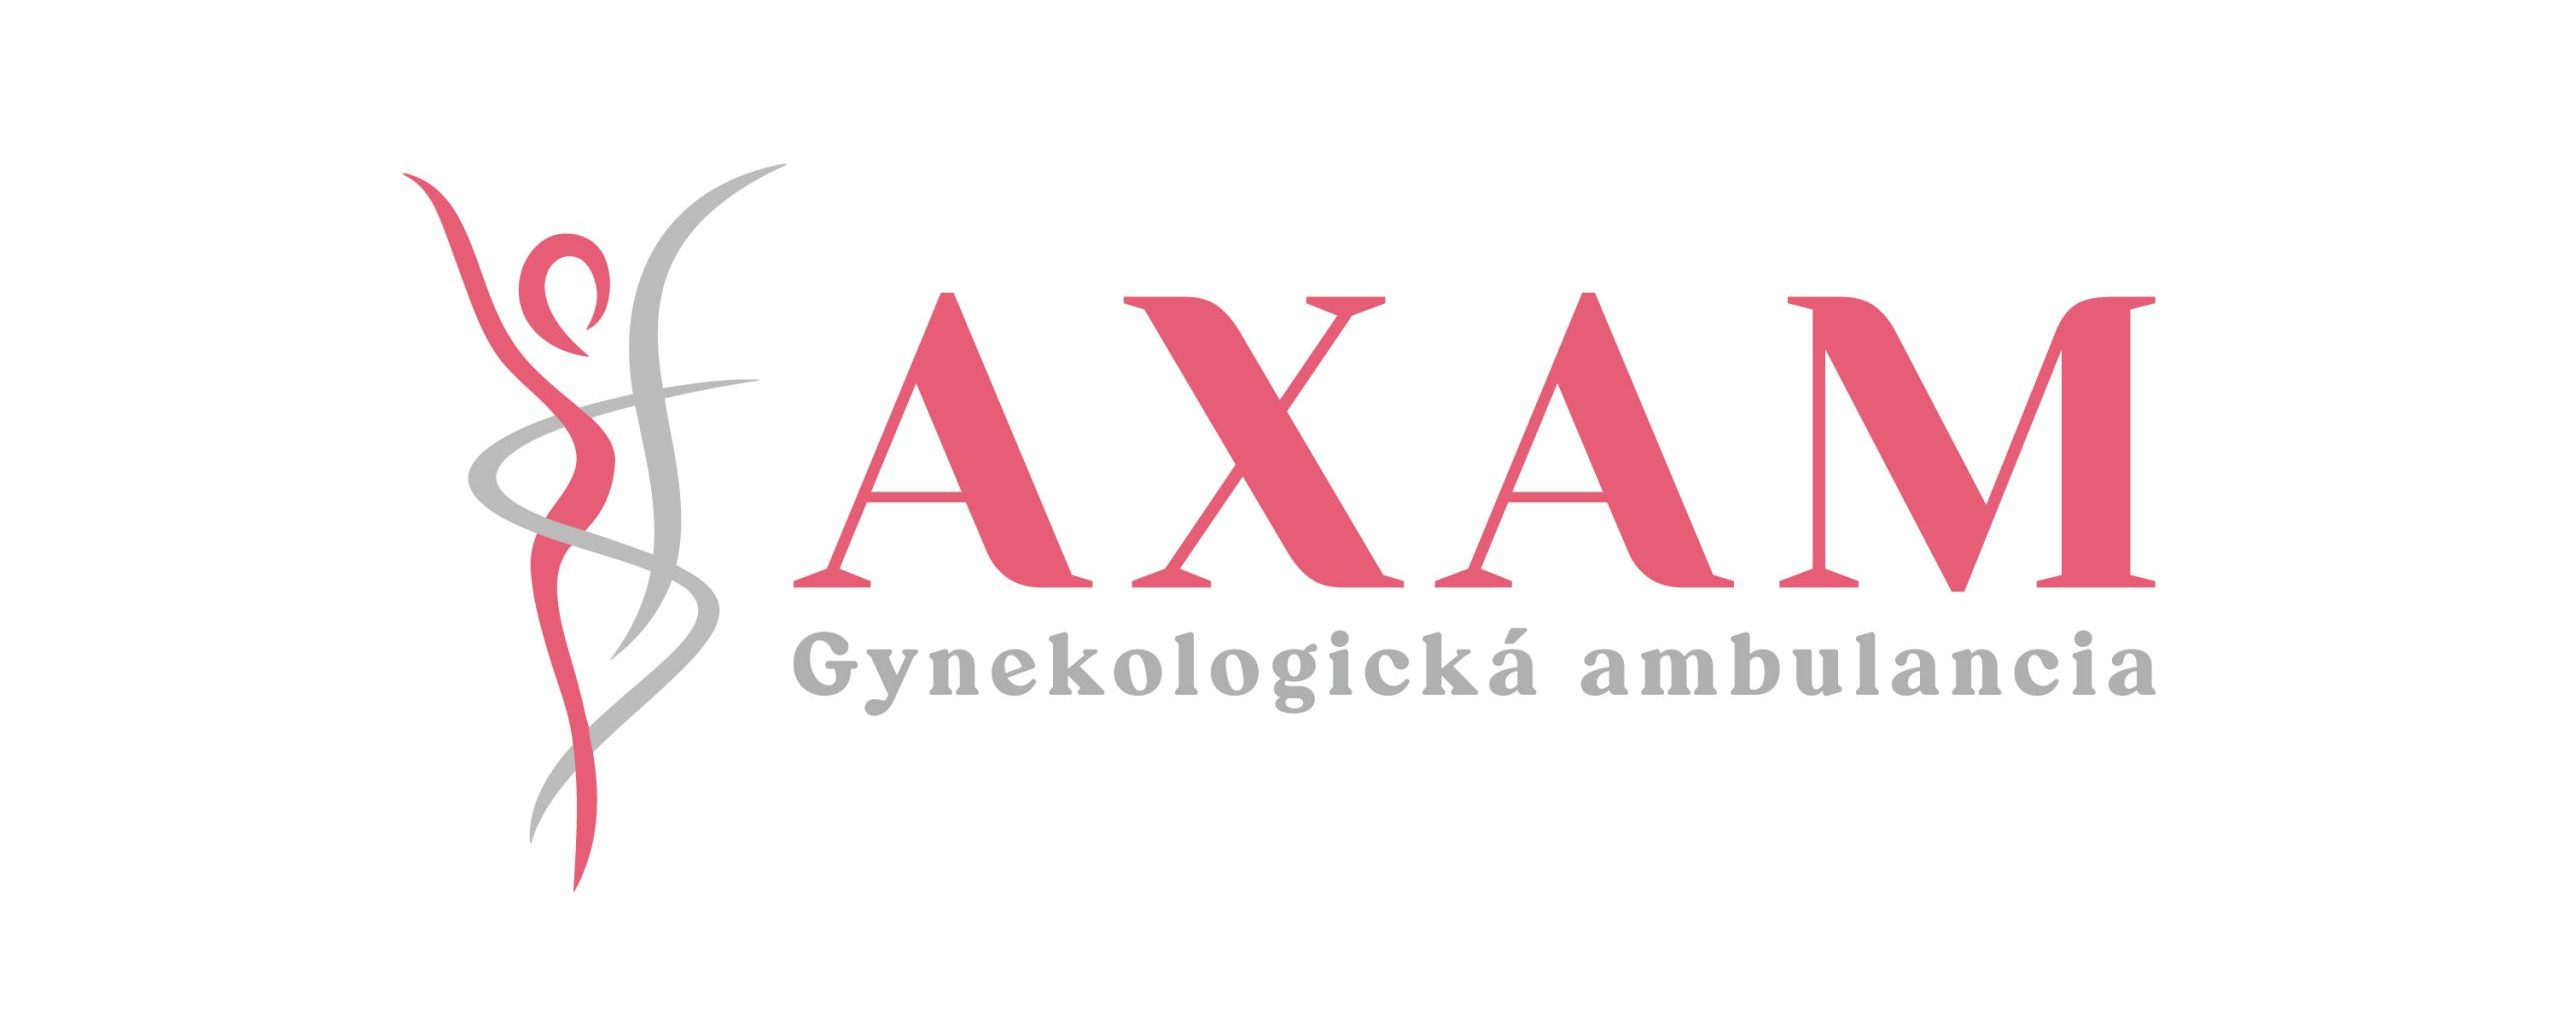 Gynekologická ambulancia Petržalka